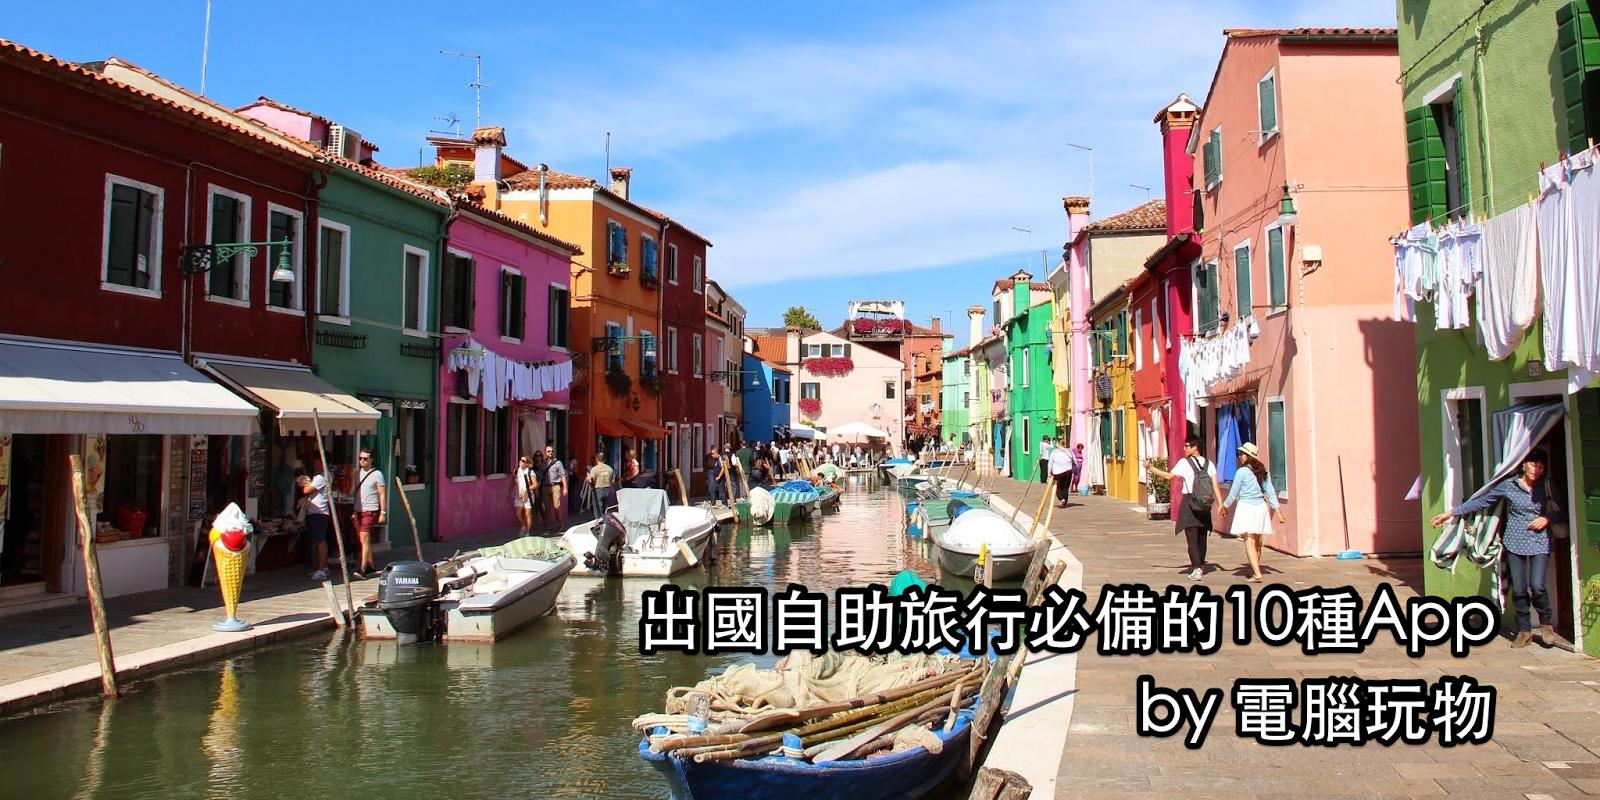 出國自助旅行必備的 10 種 App: 從最精簡到用得上